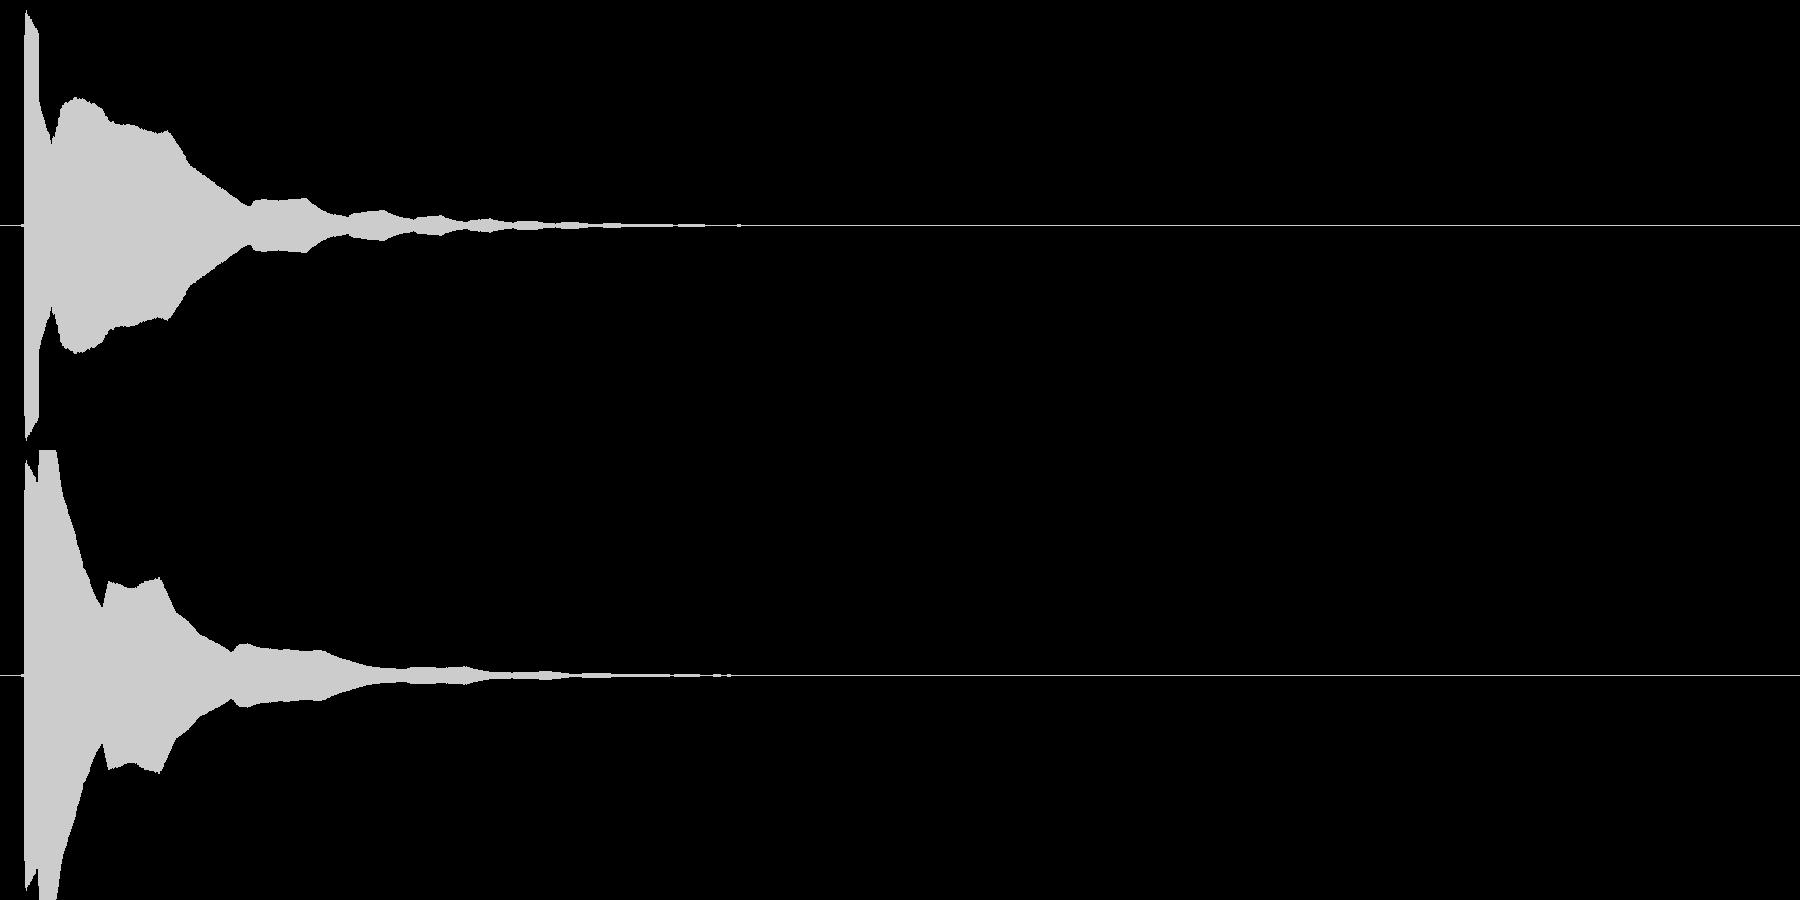 ポイーン(ジャンプ音、アクション、低め)の未再生の波形